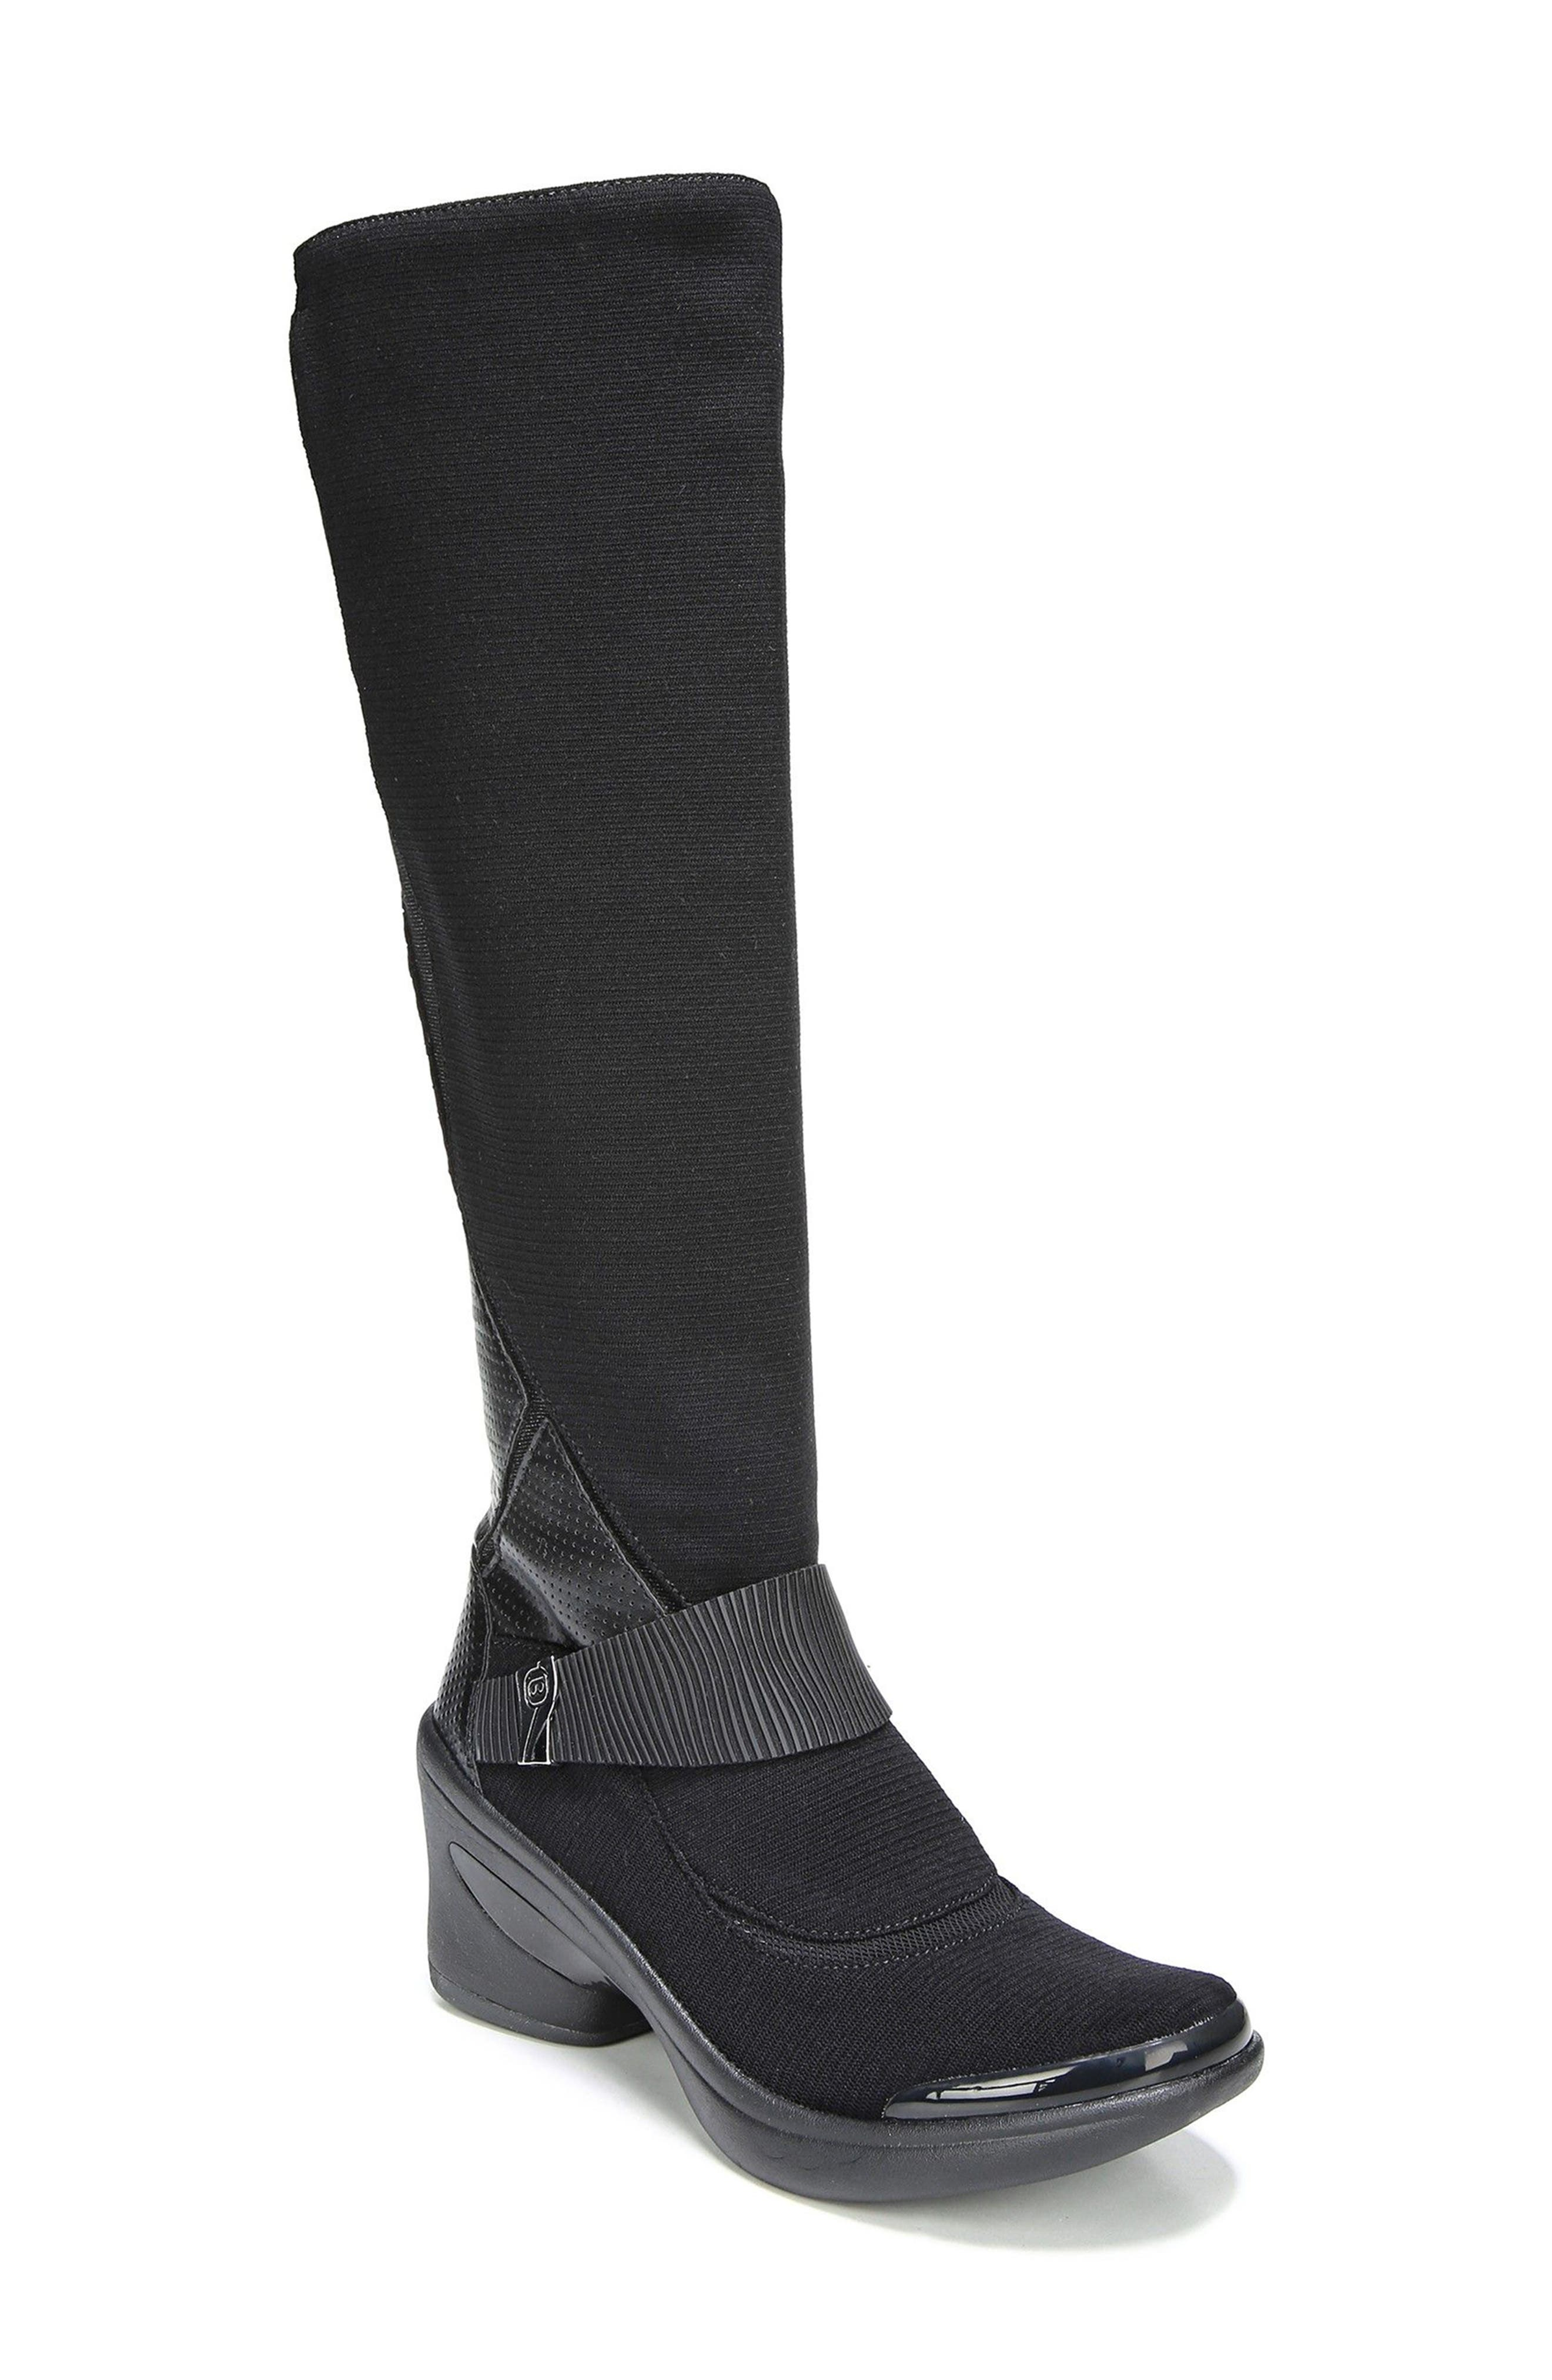 Enchanted Boot,                             Main thumbnail 1, color,                             Black Fabric